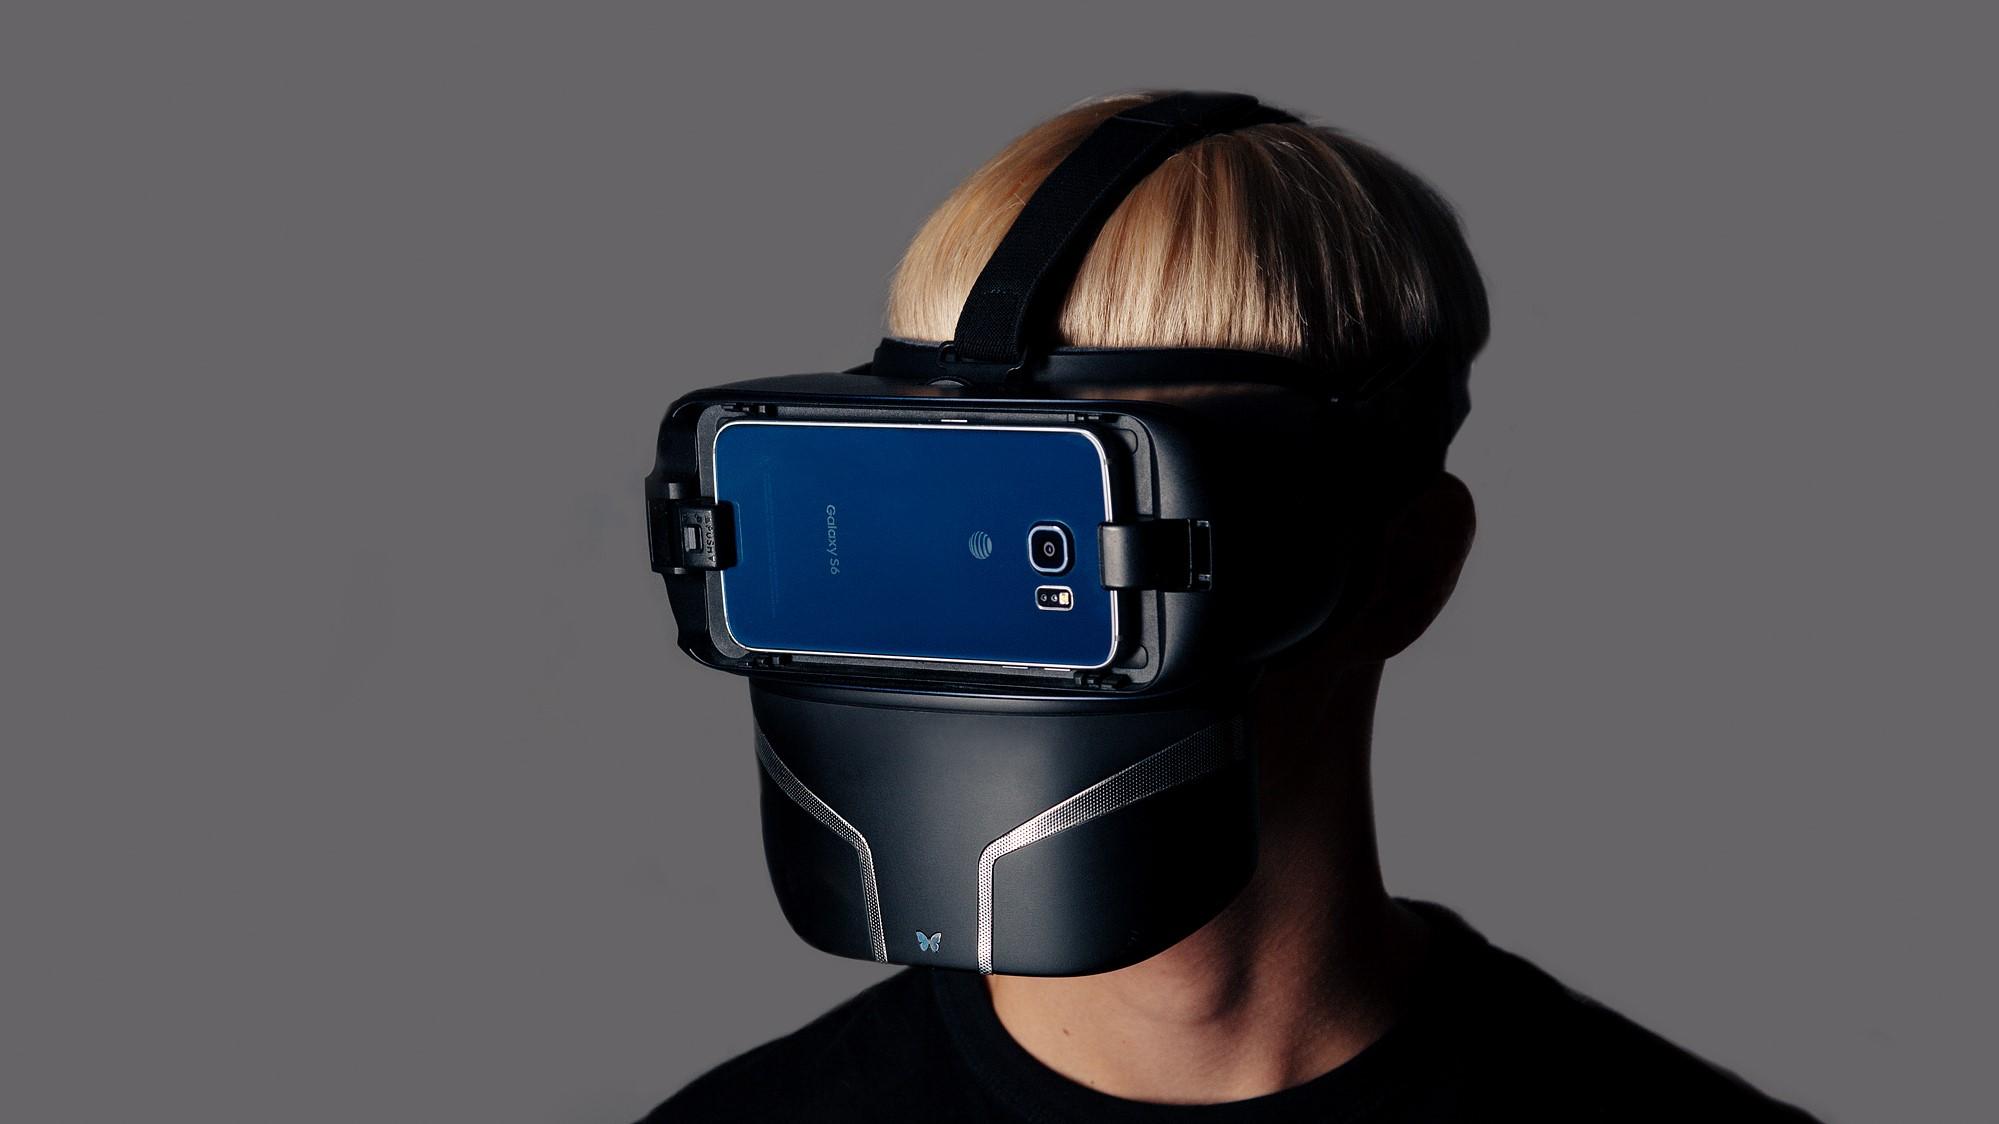 Prossimamente sul Mercato: Maschere VR per Olfatto e Tatto thumbnail